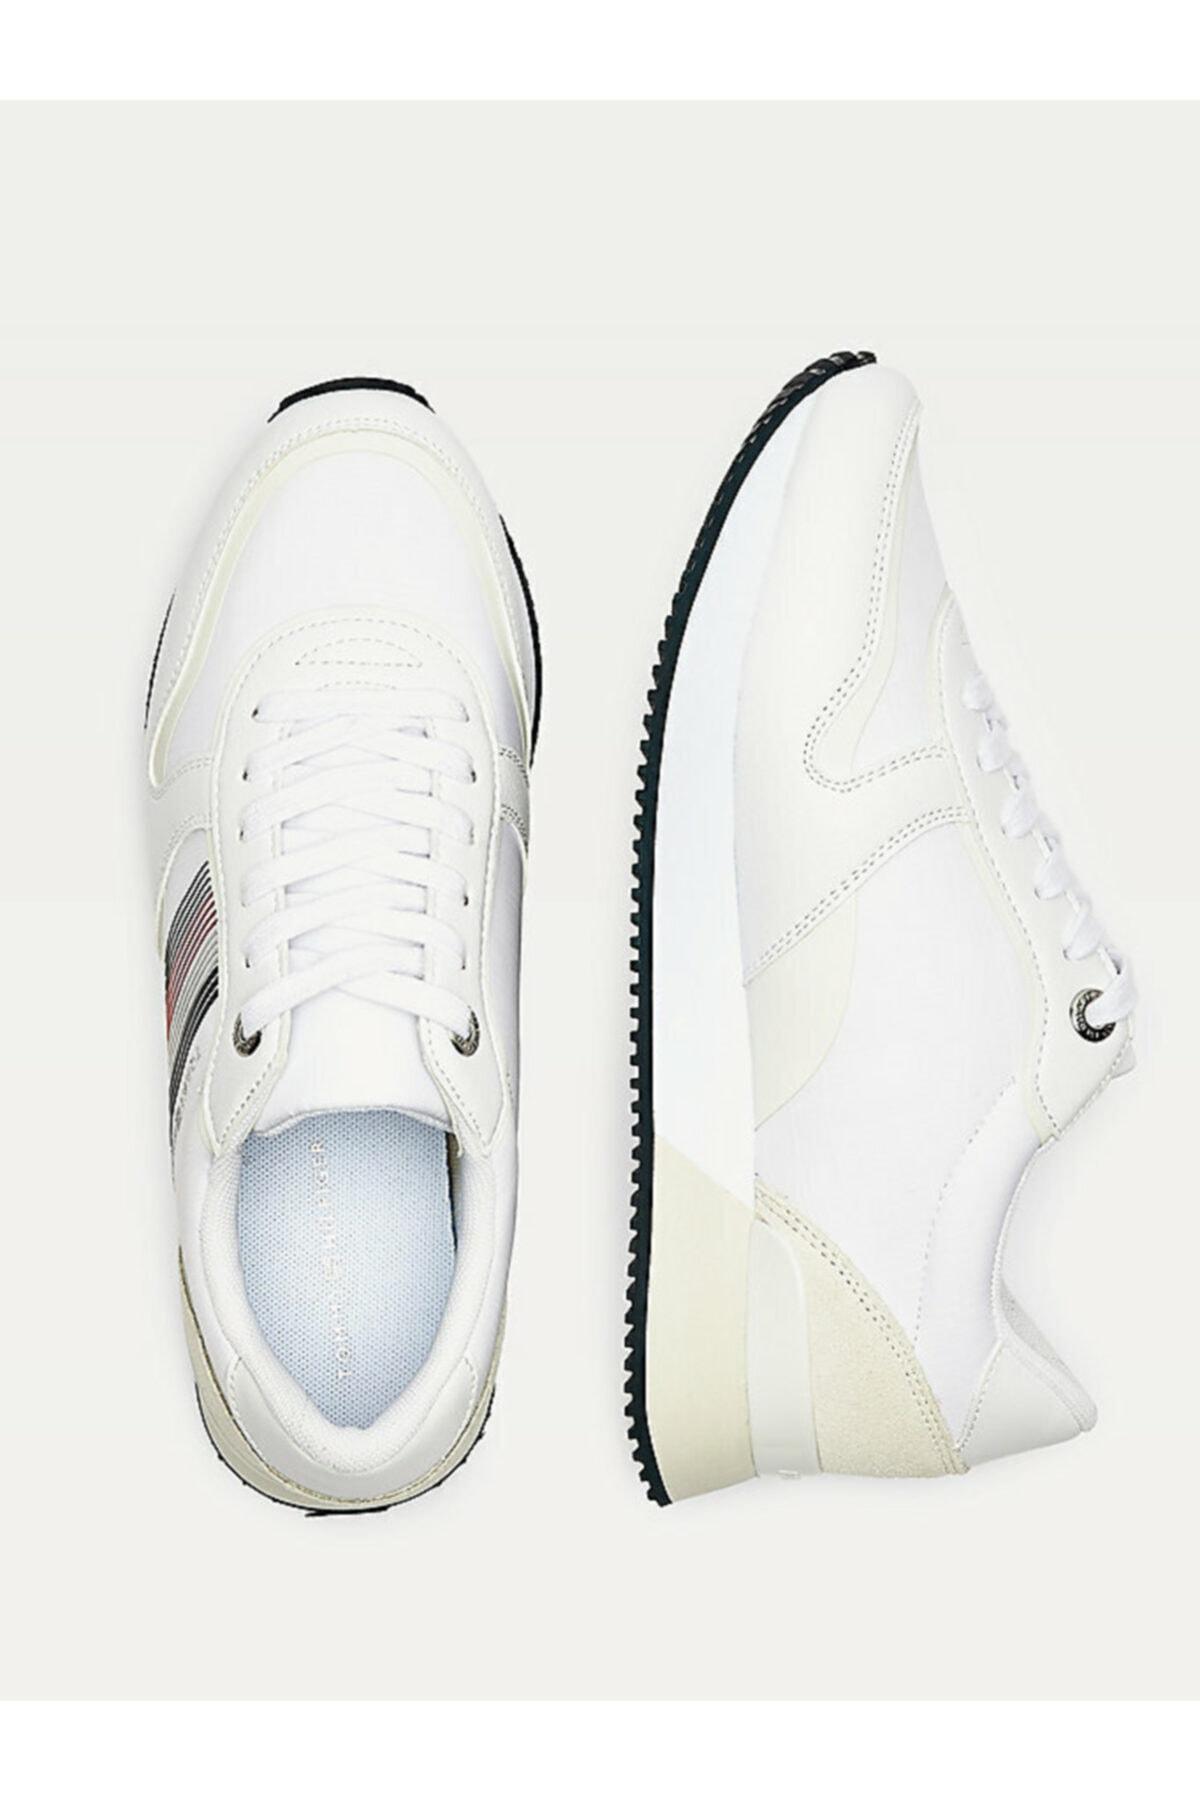 Tommy Hilfiger Kadın Beyaz Sneaker Actıve Cıty Sneaker FW0FW05011 2